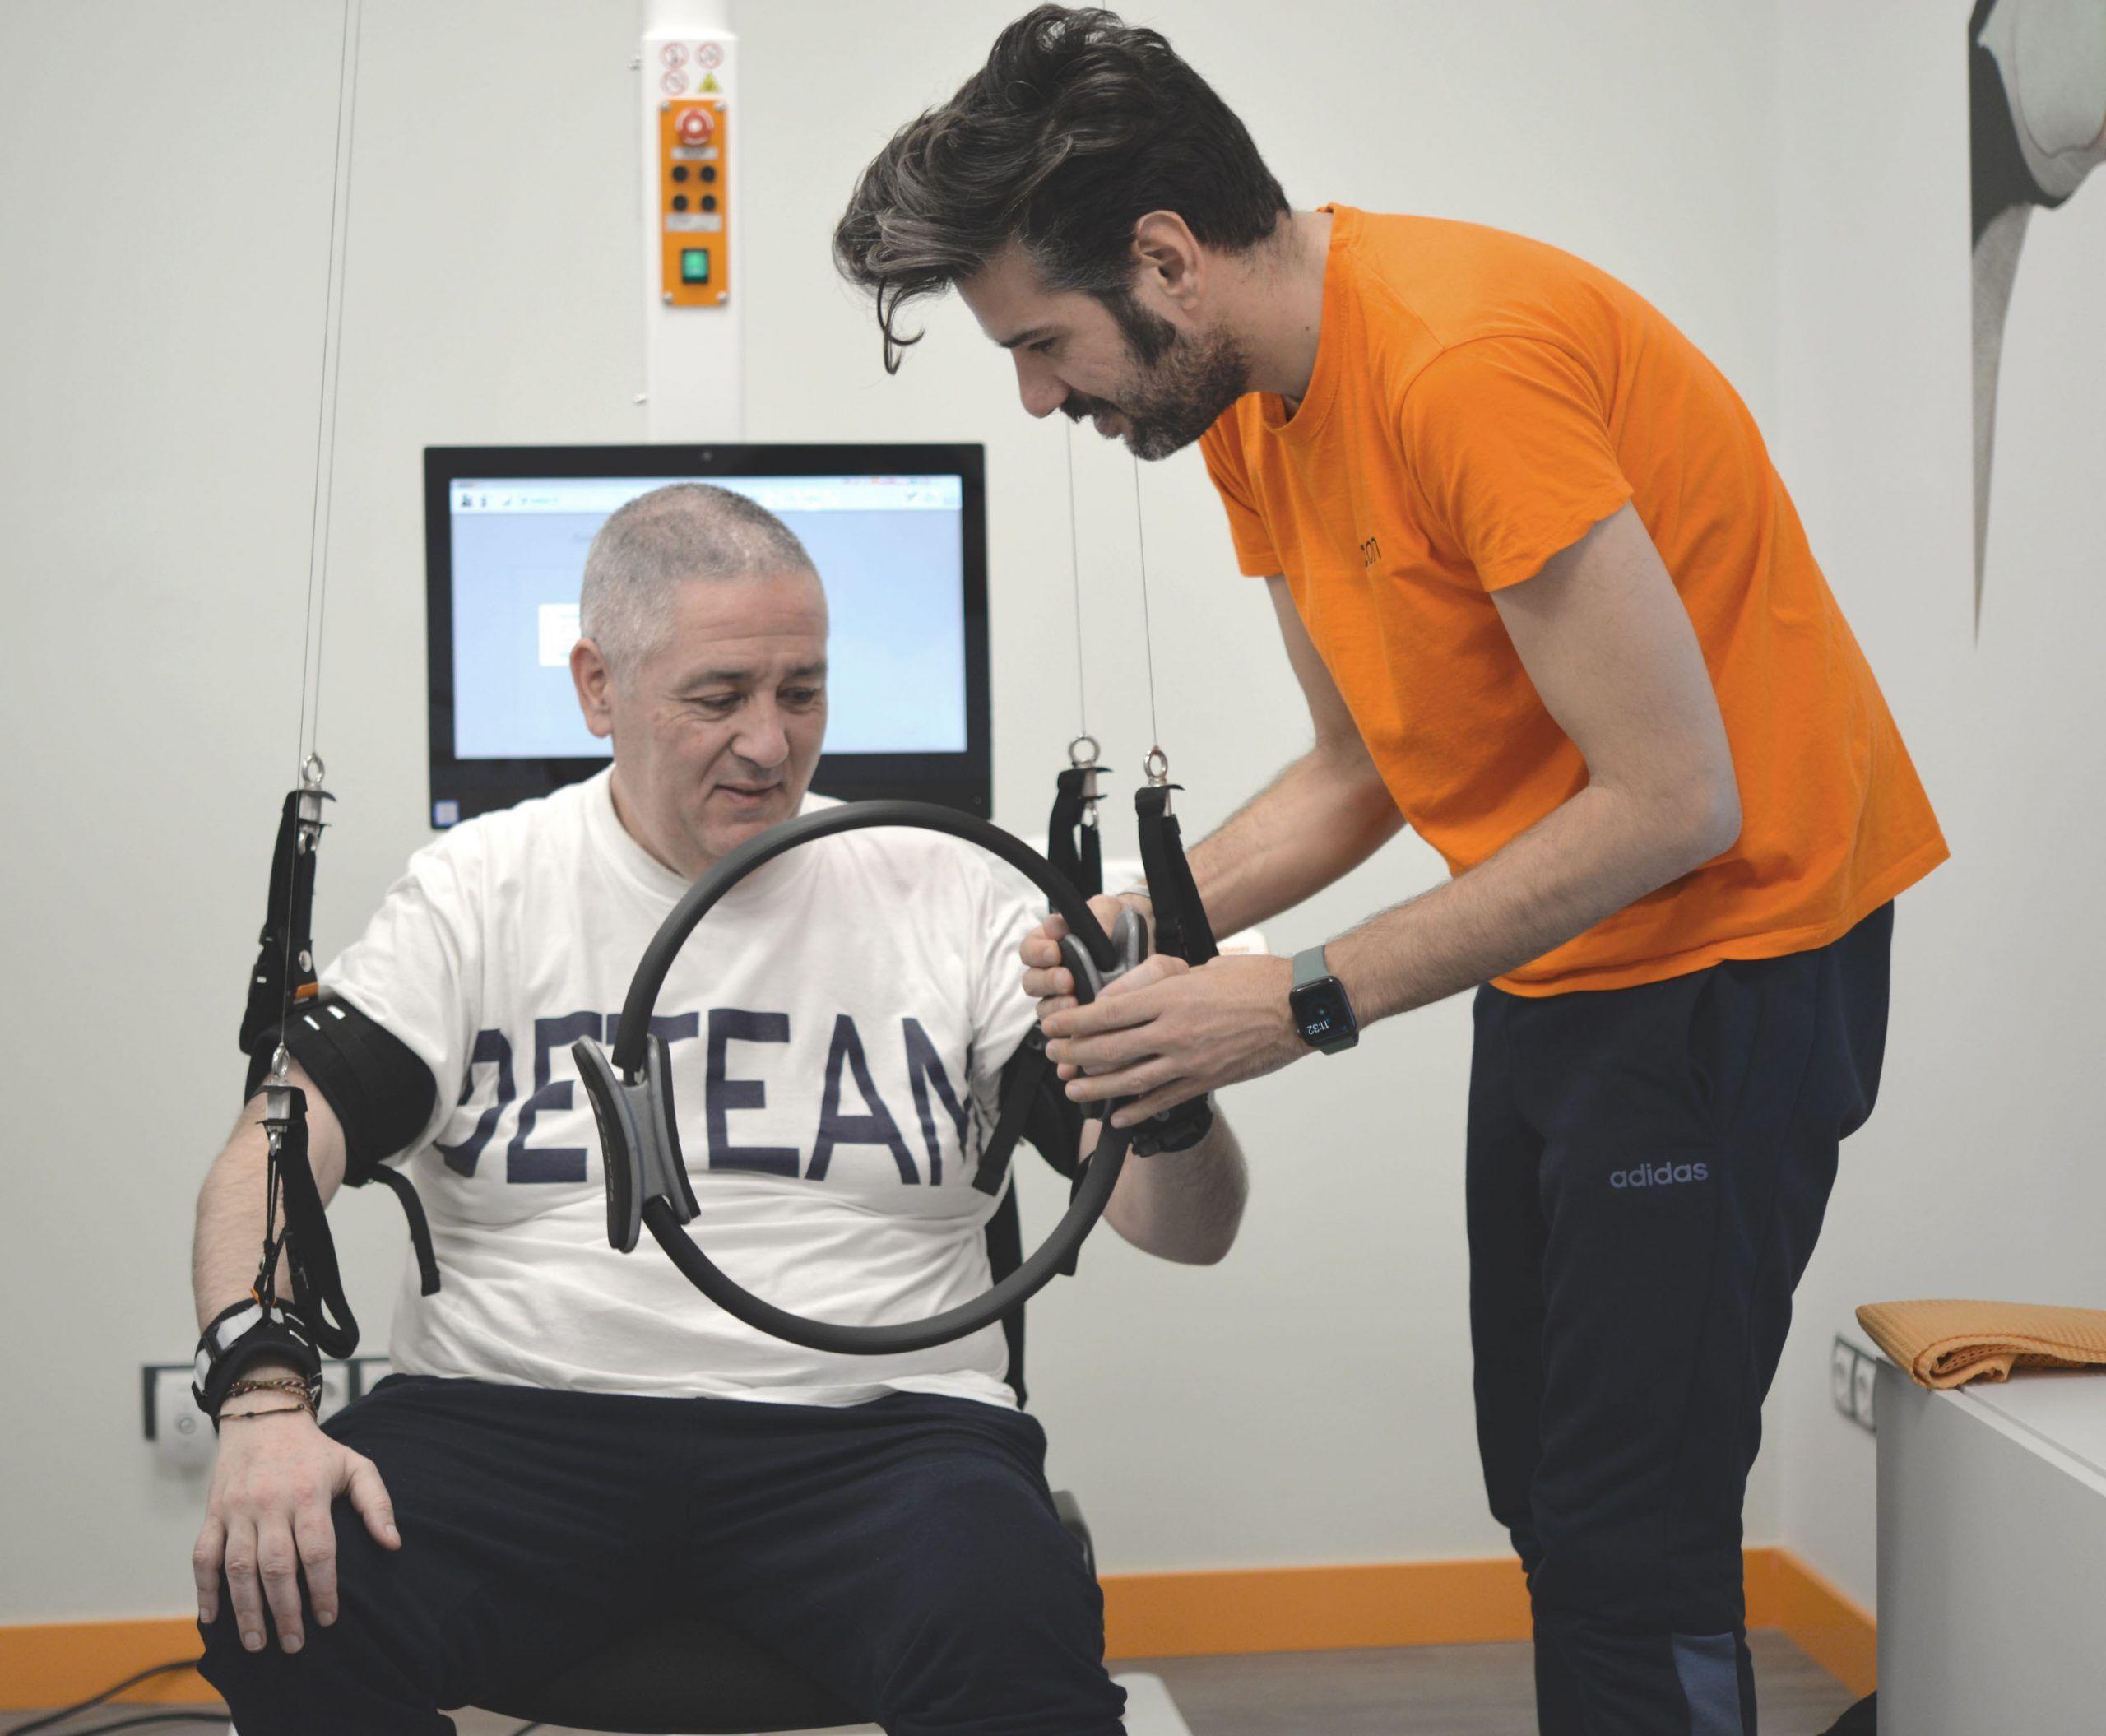 Terapia neurorehabilitacion robotica Neuron